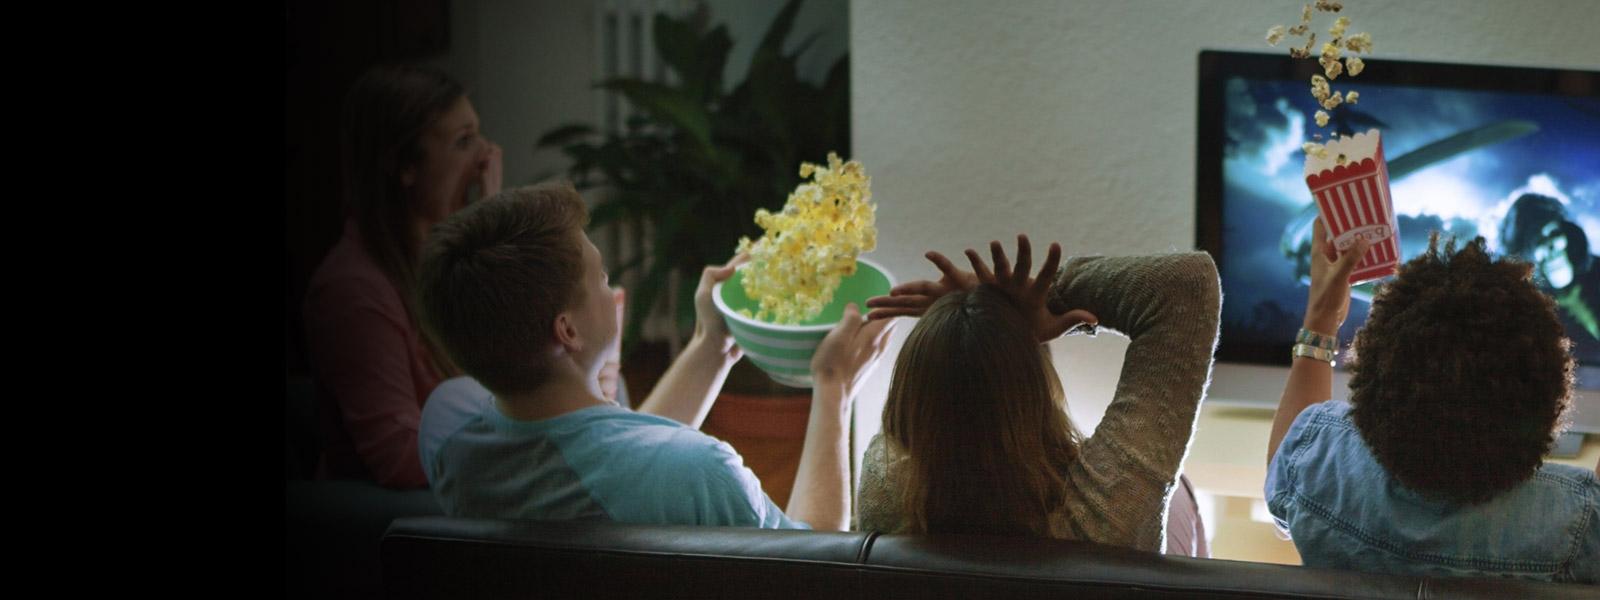 Des personnes sur un canapé, regardant un film